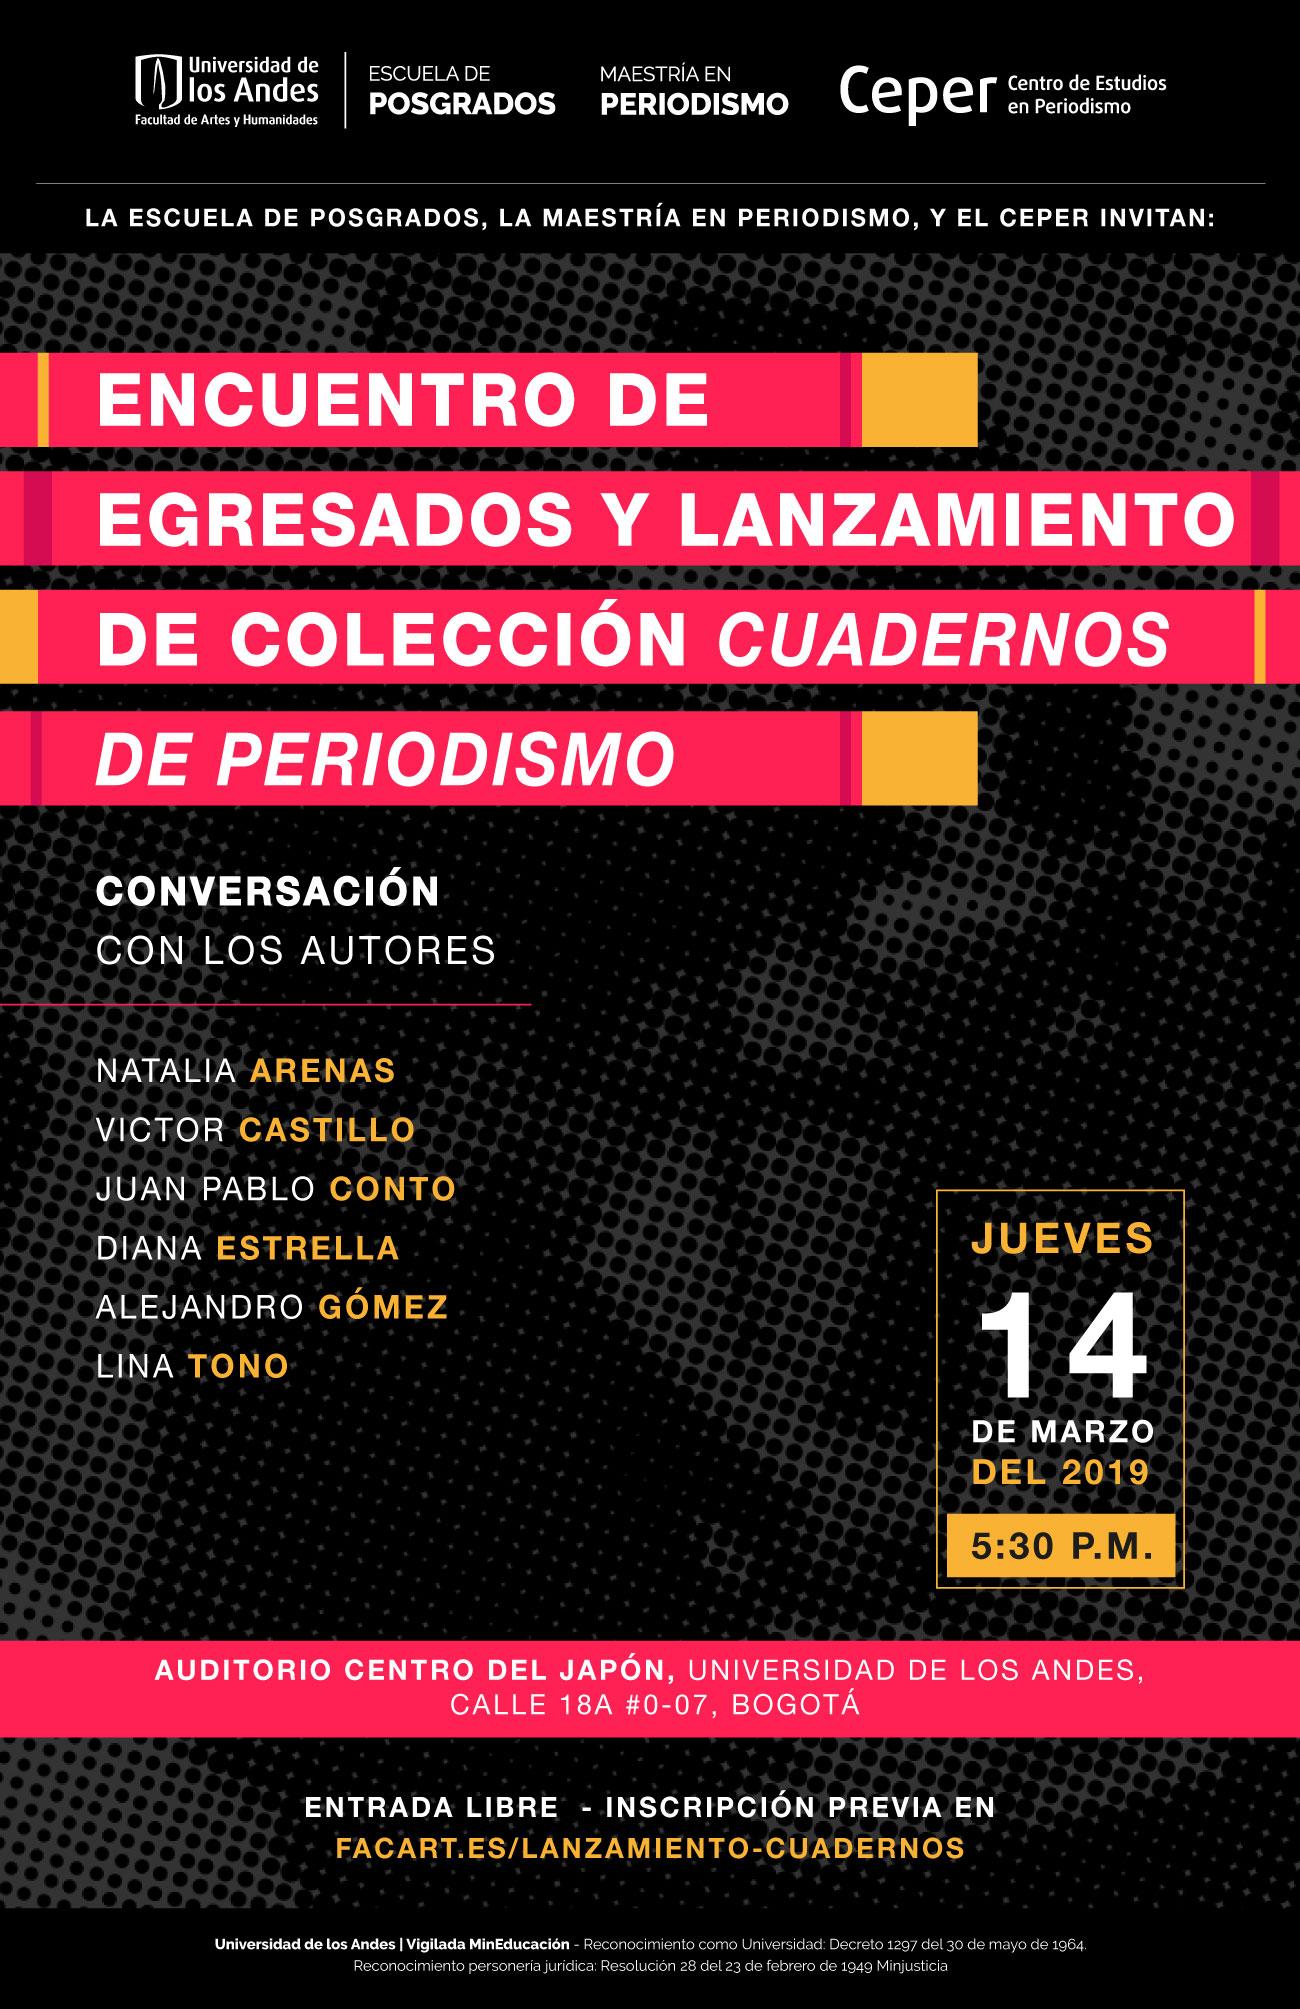 Lanzamiento de la Colección Cuadernos de Periodismo